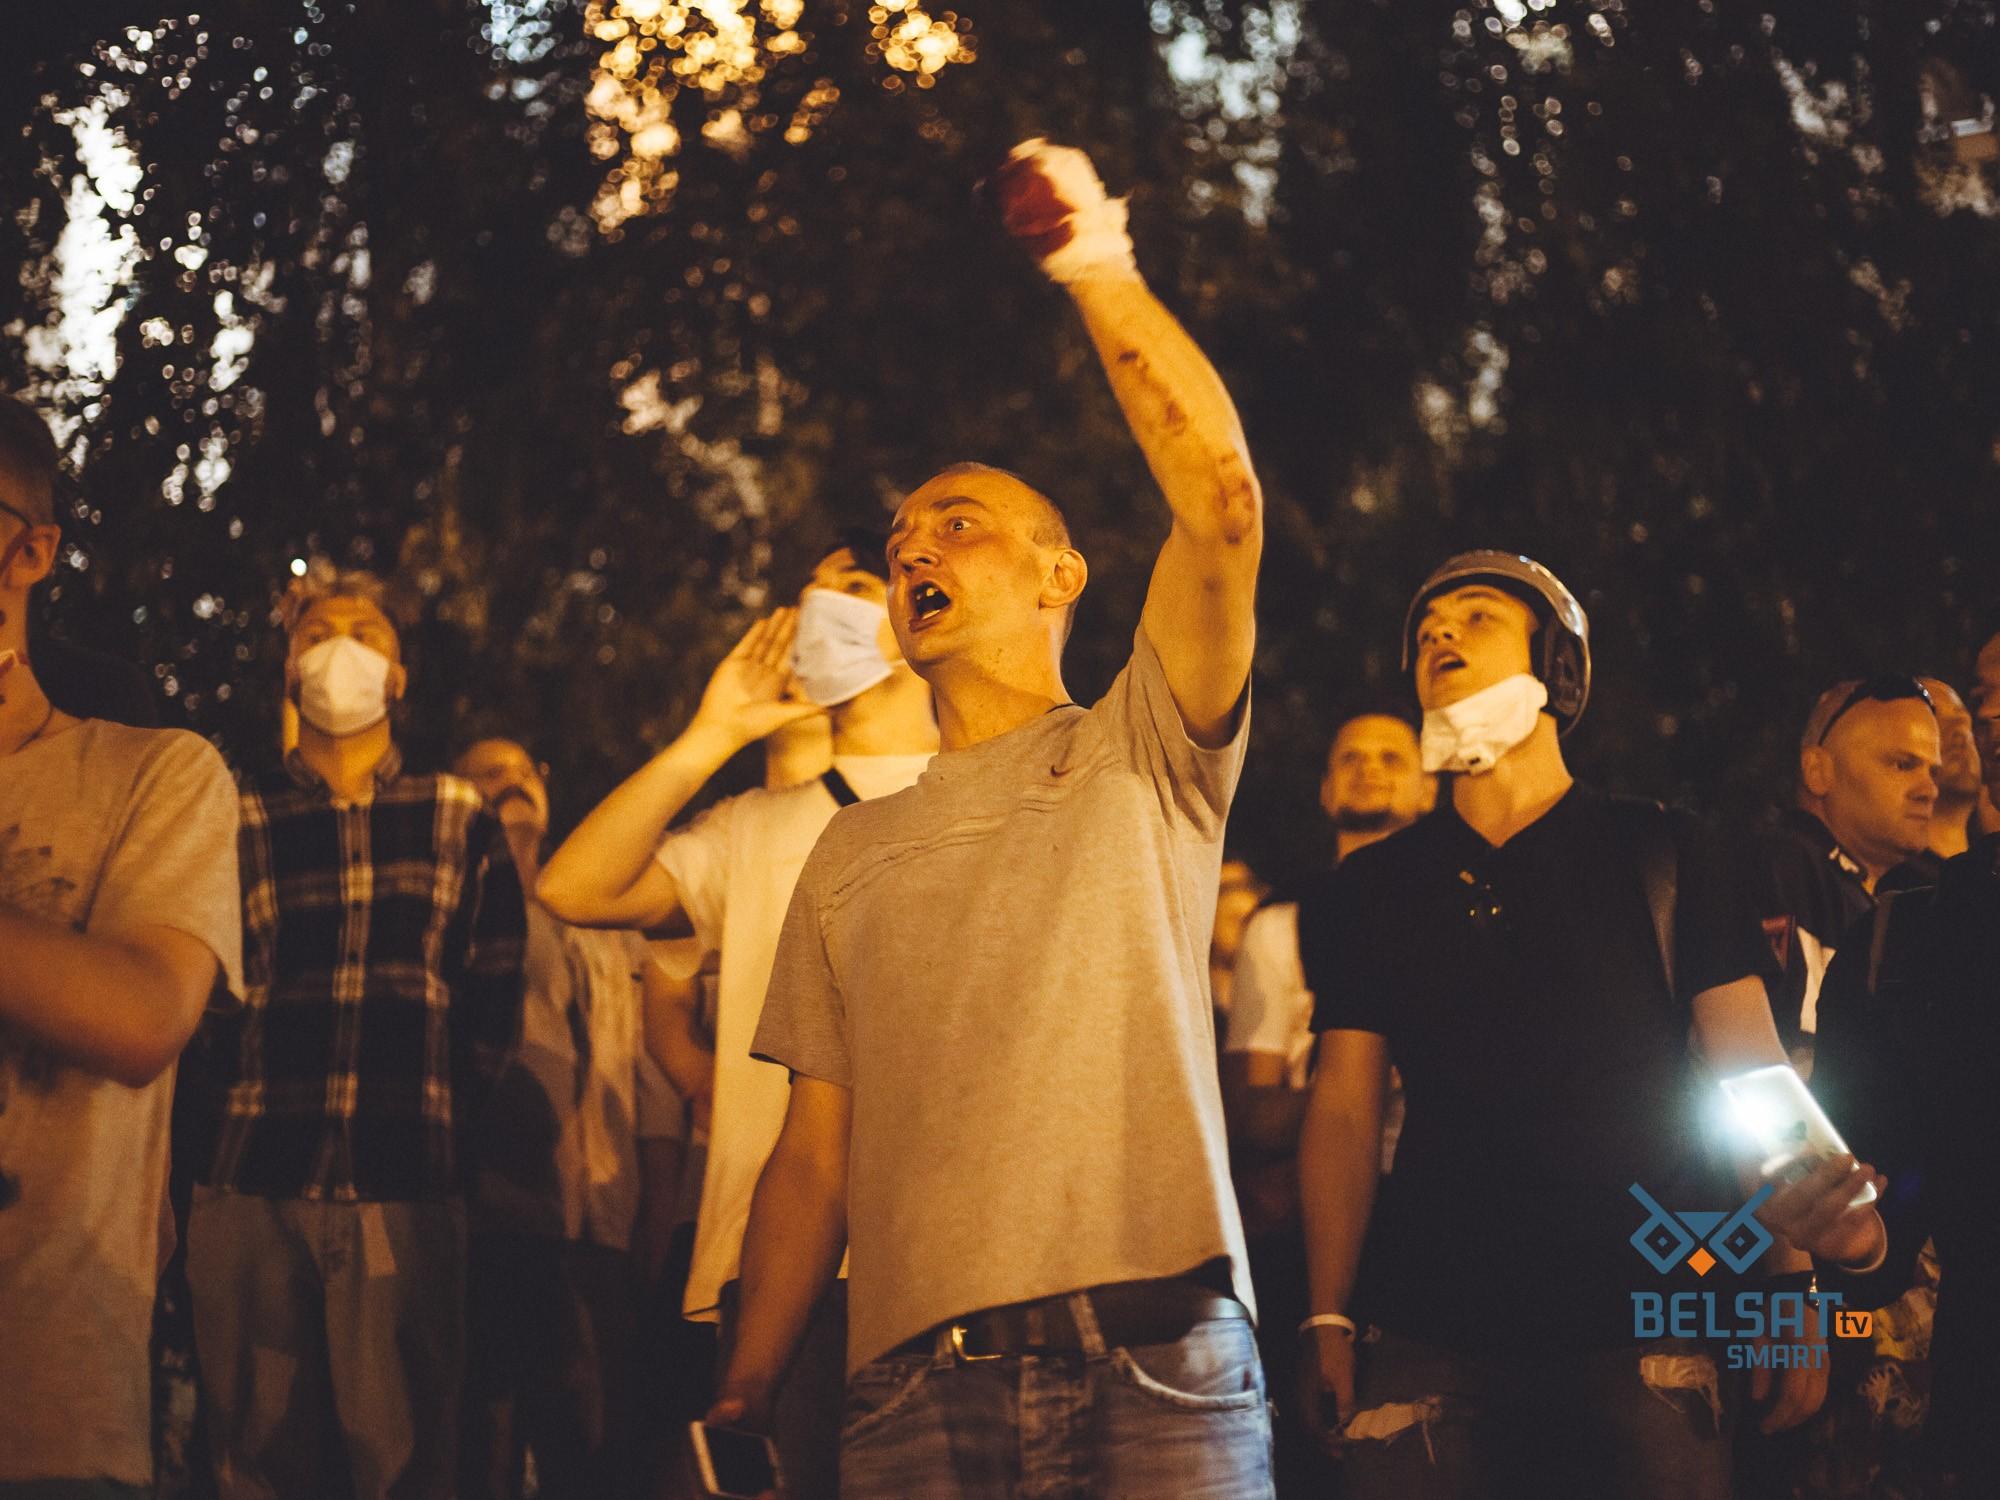 ВБеларуси задержали более 140 протестующих. Против них возбудили уголовные дела (ФОТО)